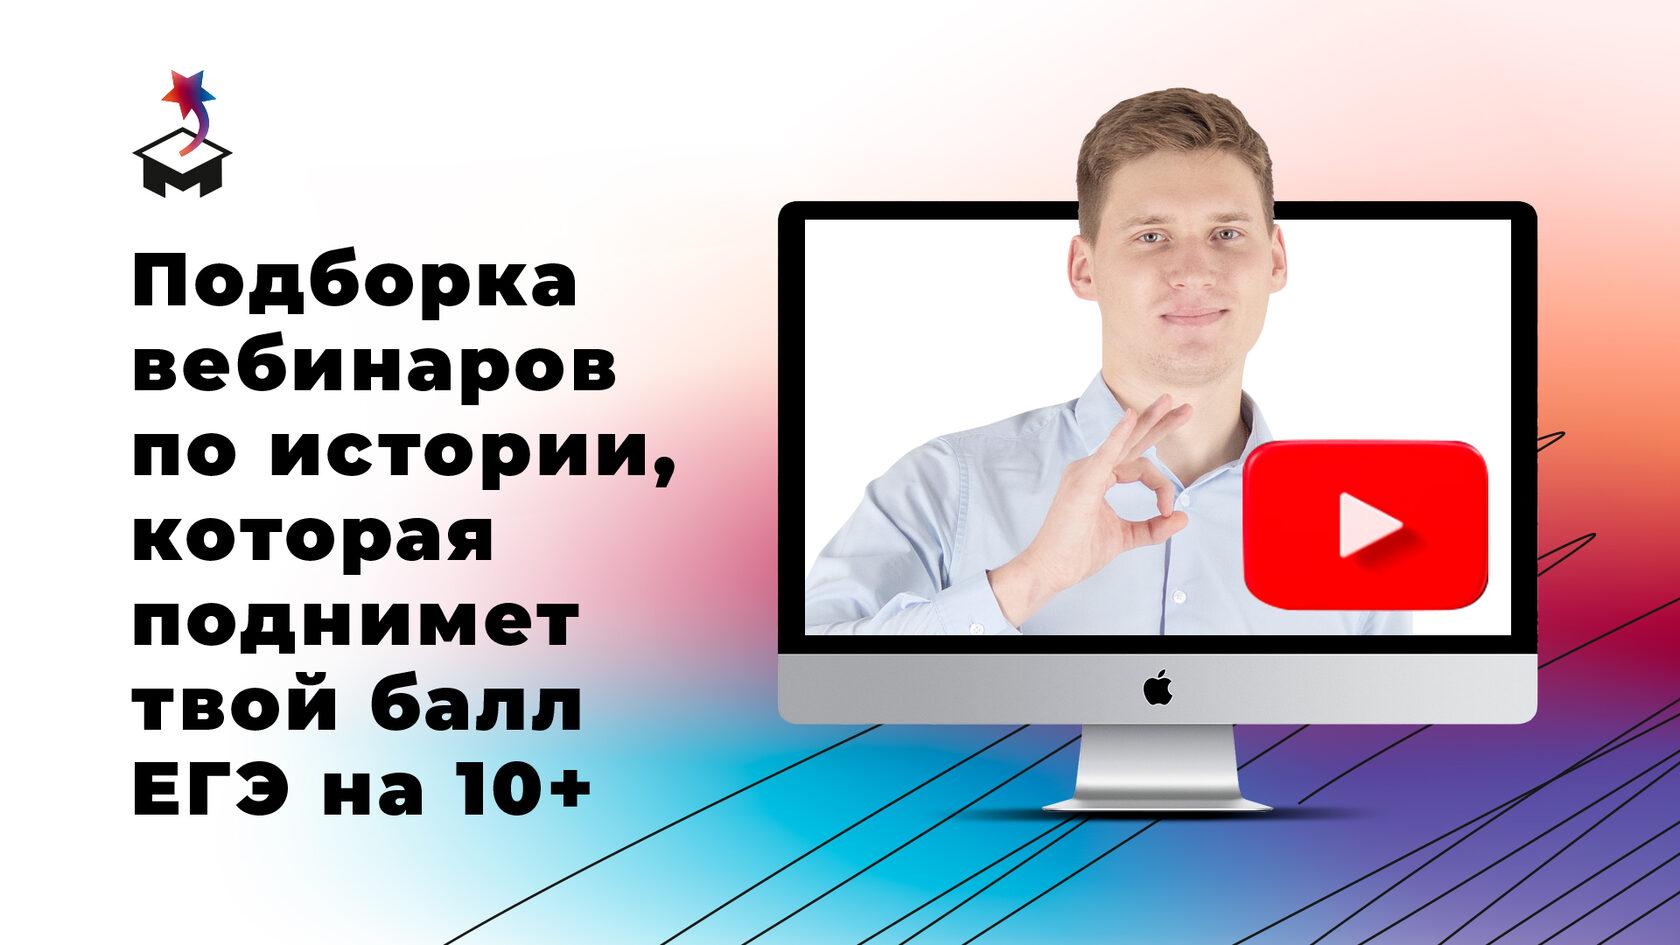 Павел Первый на экране компьютера